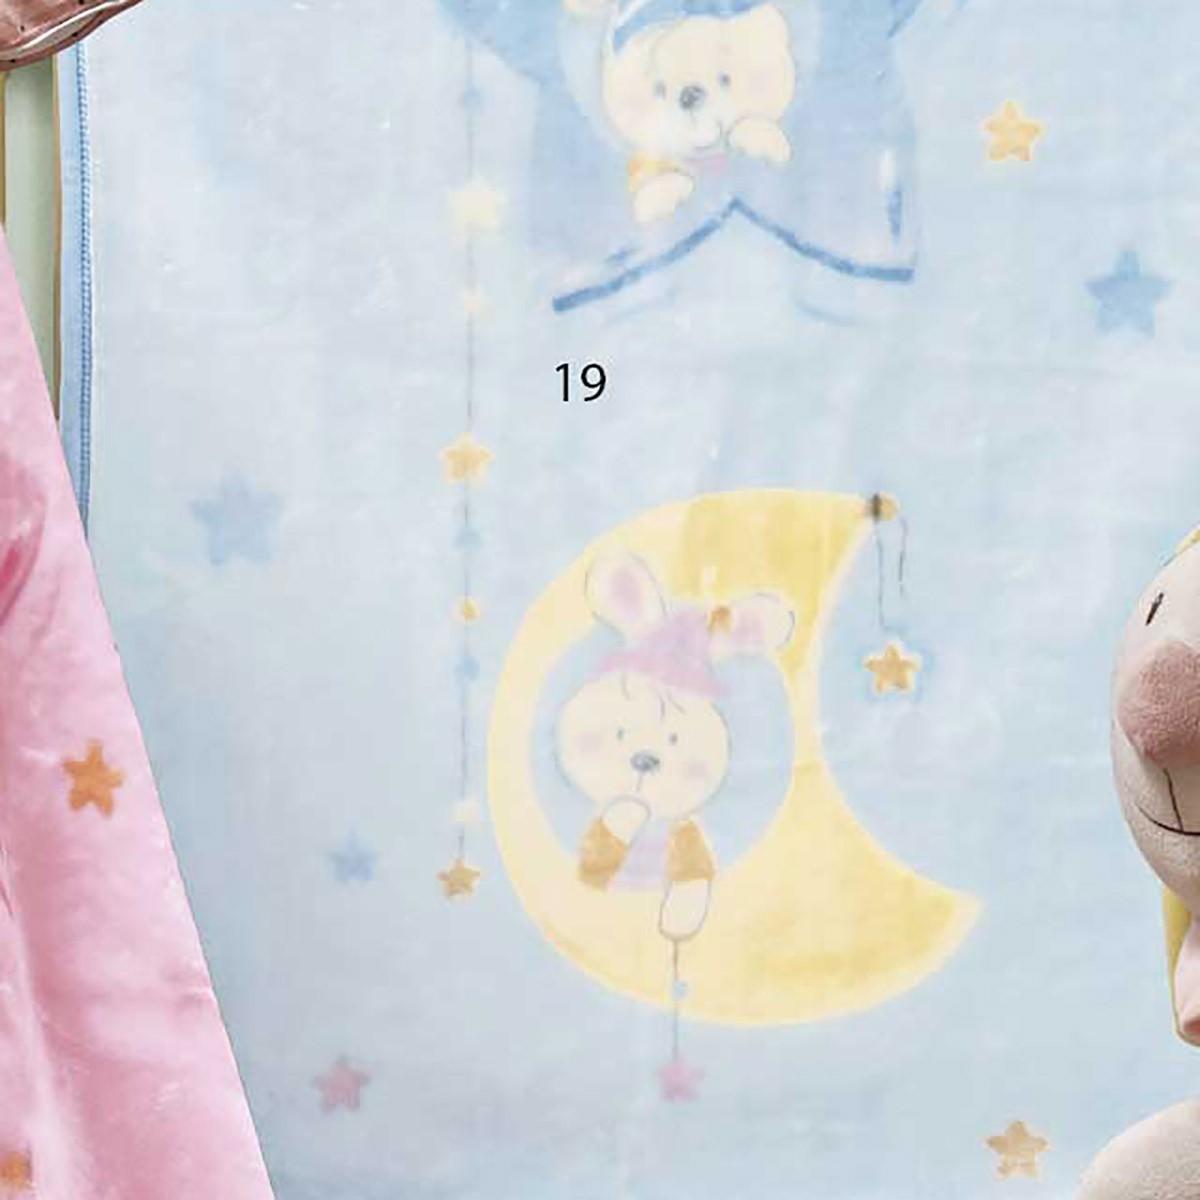 Κουβέρτα Βελουτέ Αγκαλιάς Kentia Baby Ron 19